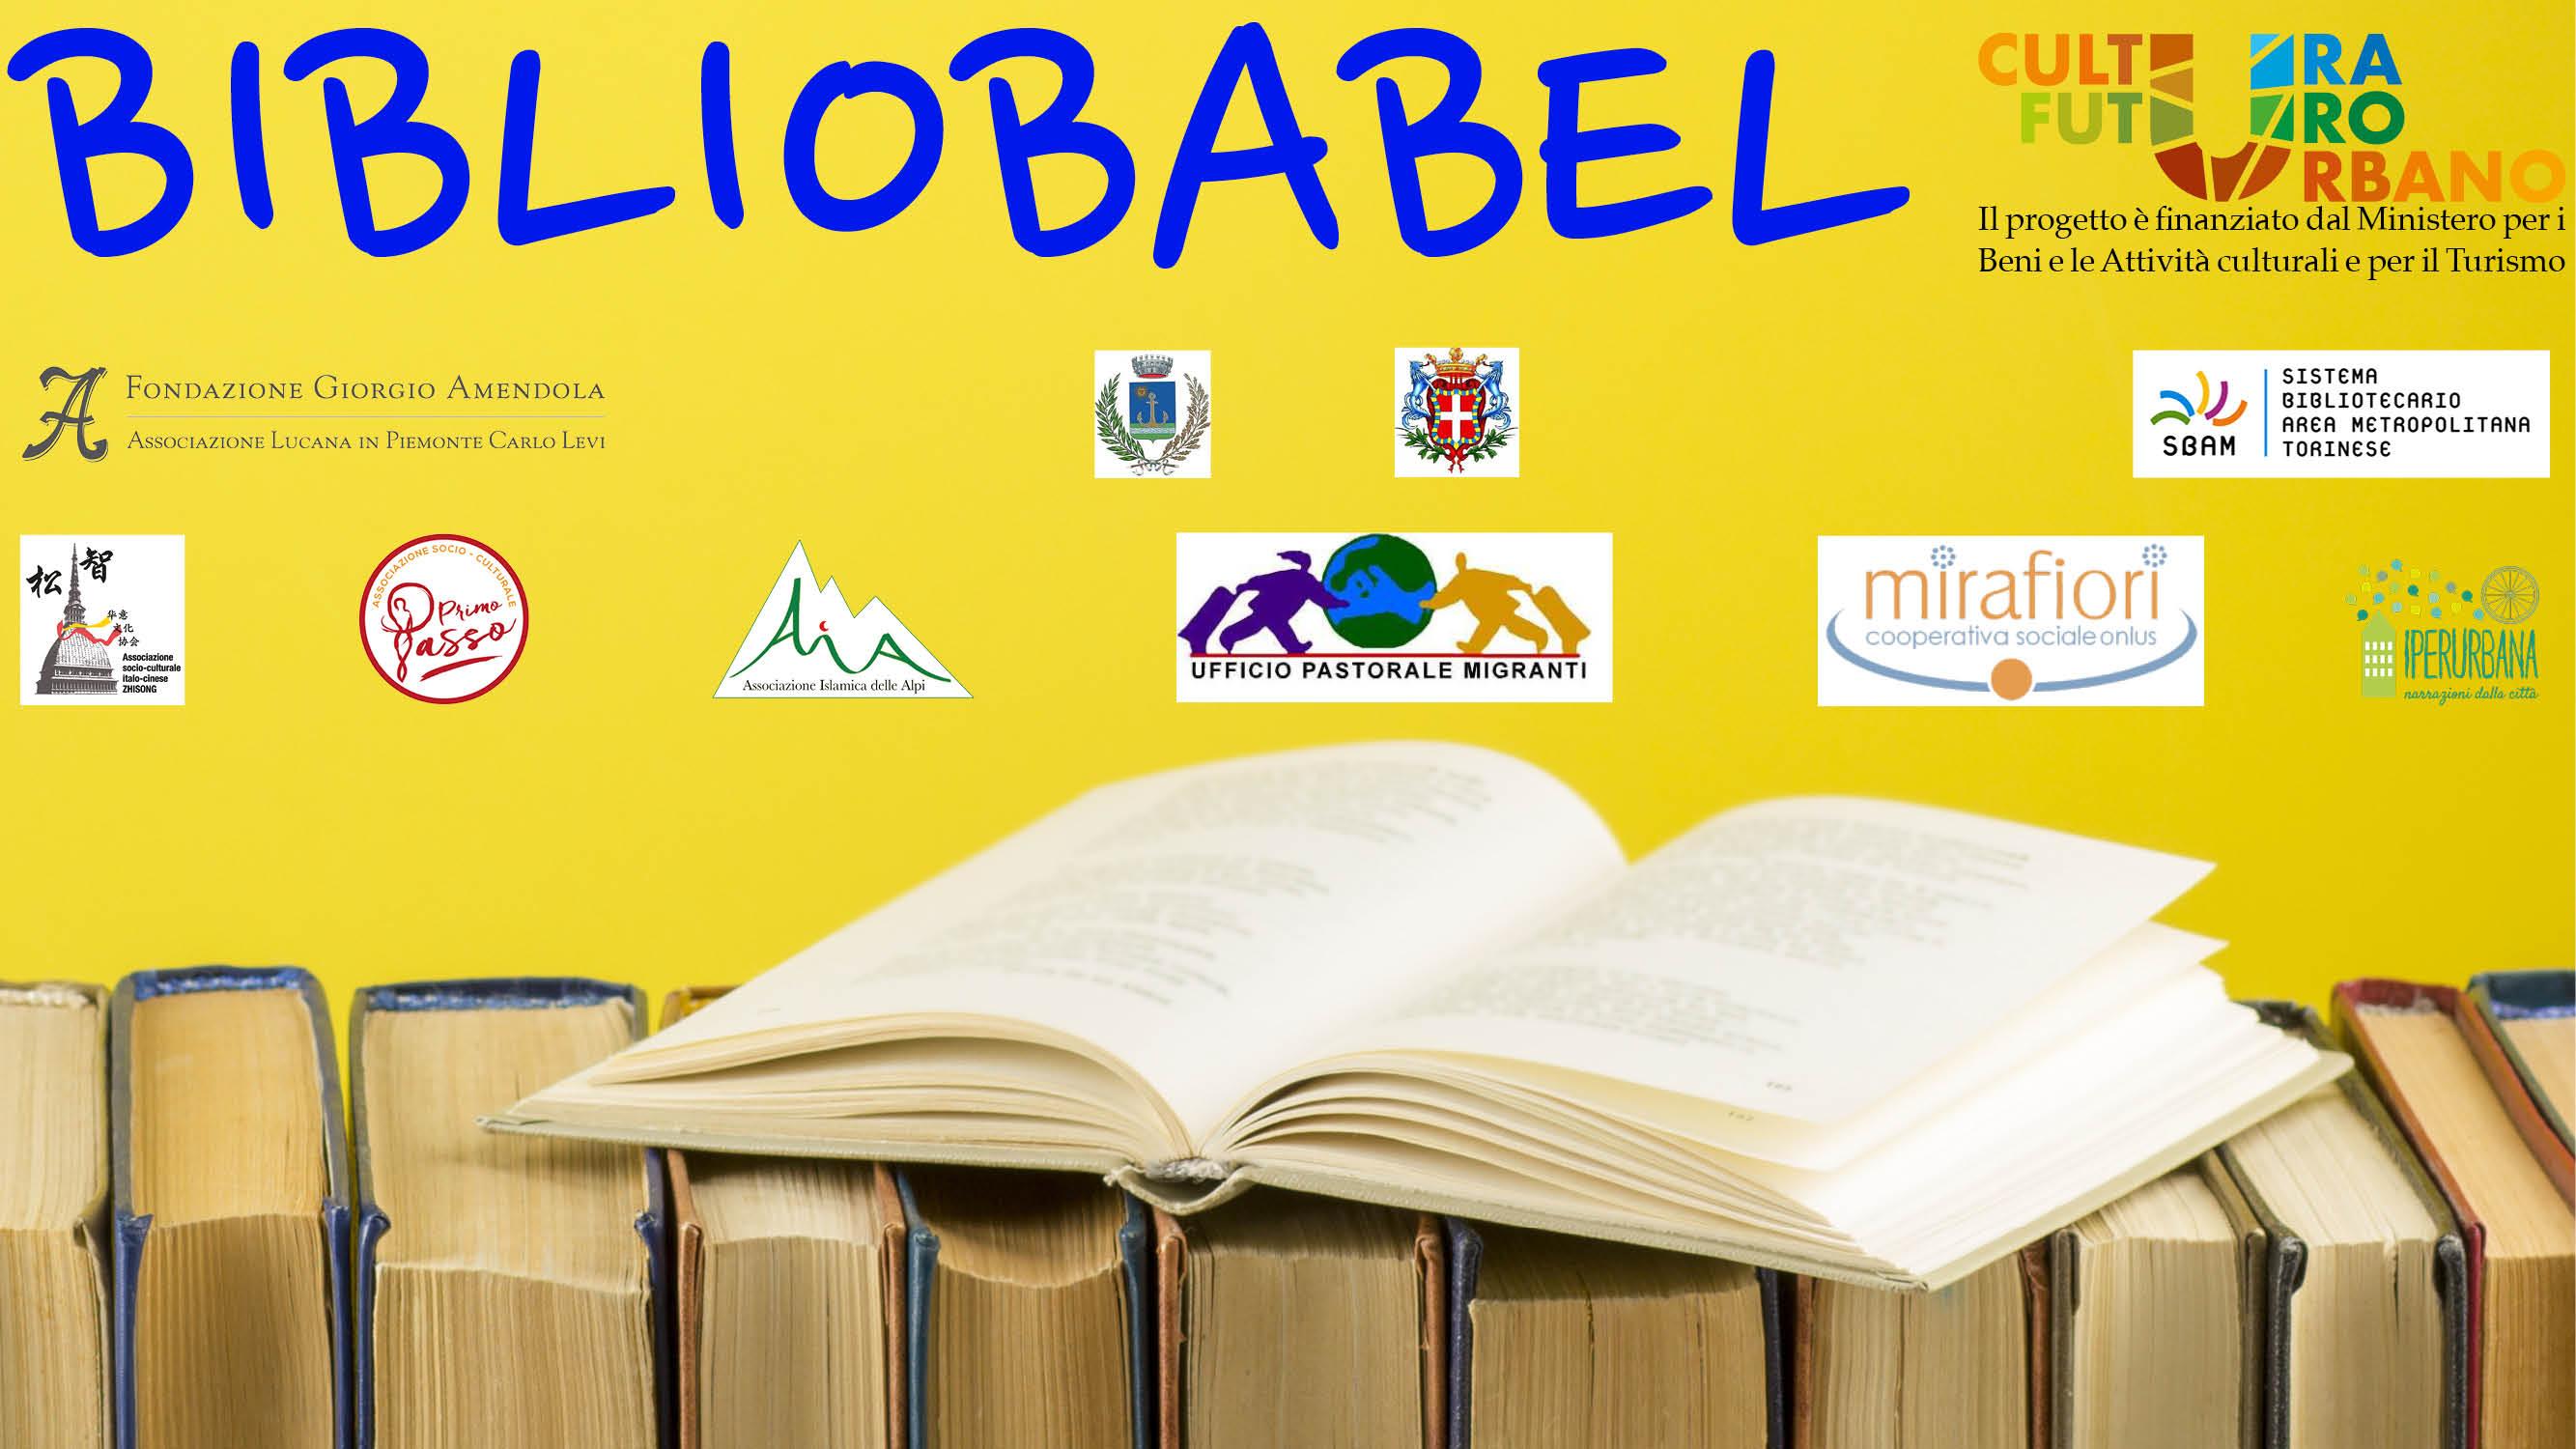 9 Febbraio 2020 Al Via Il Progetto BiblioBabel